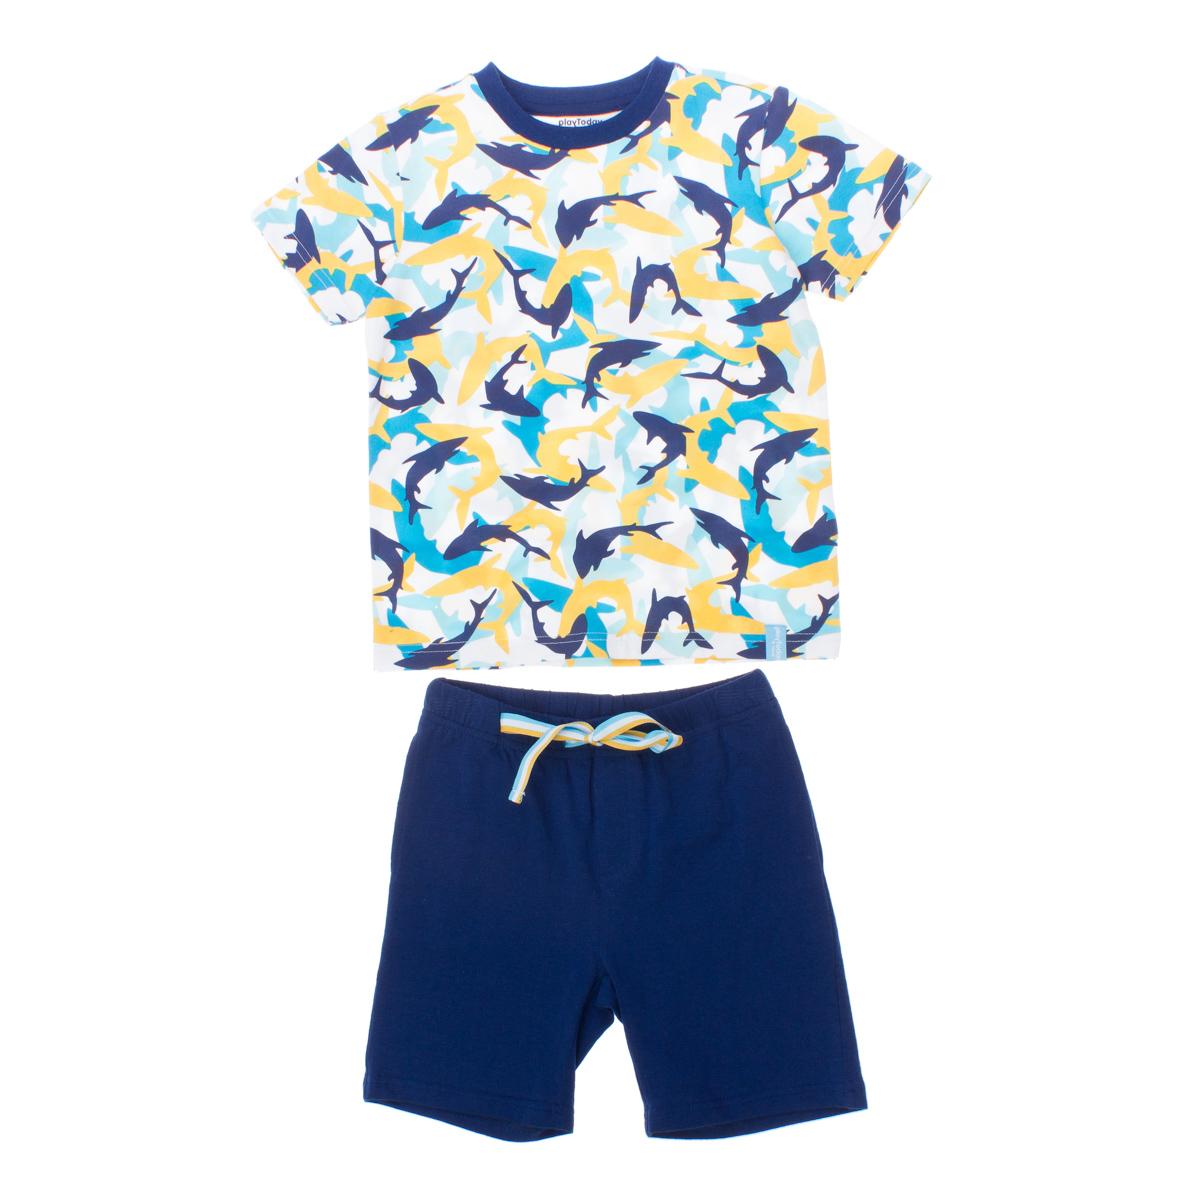 Комплект: футболка, шорты 165004